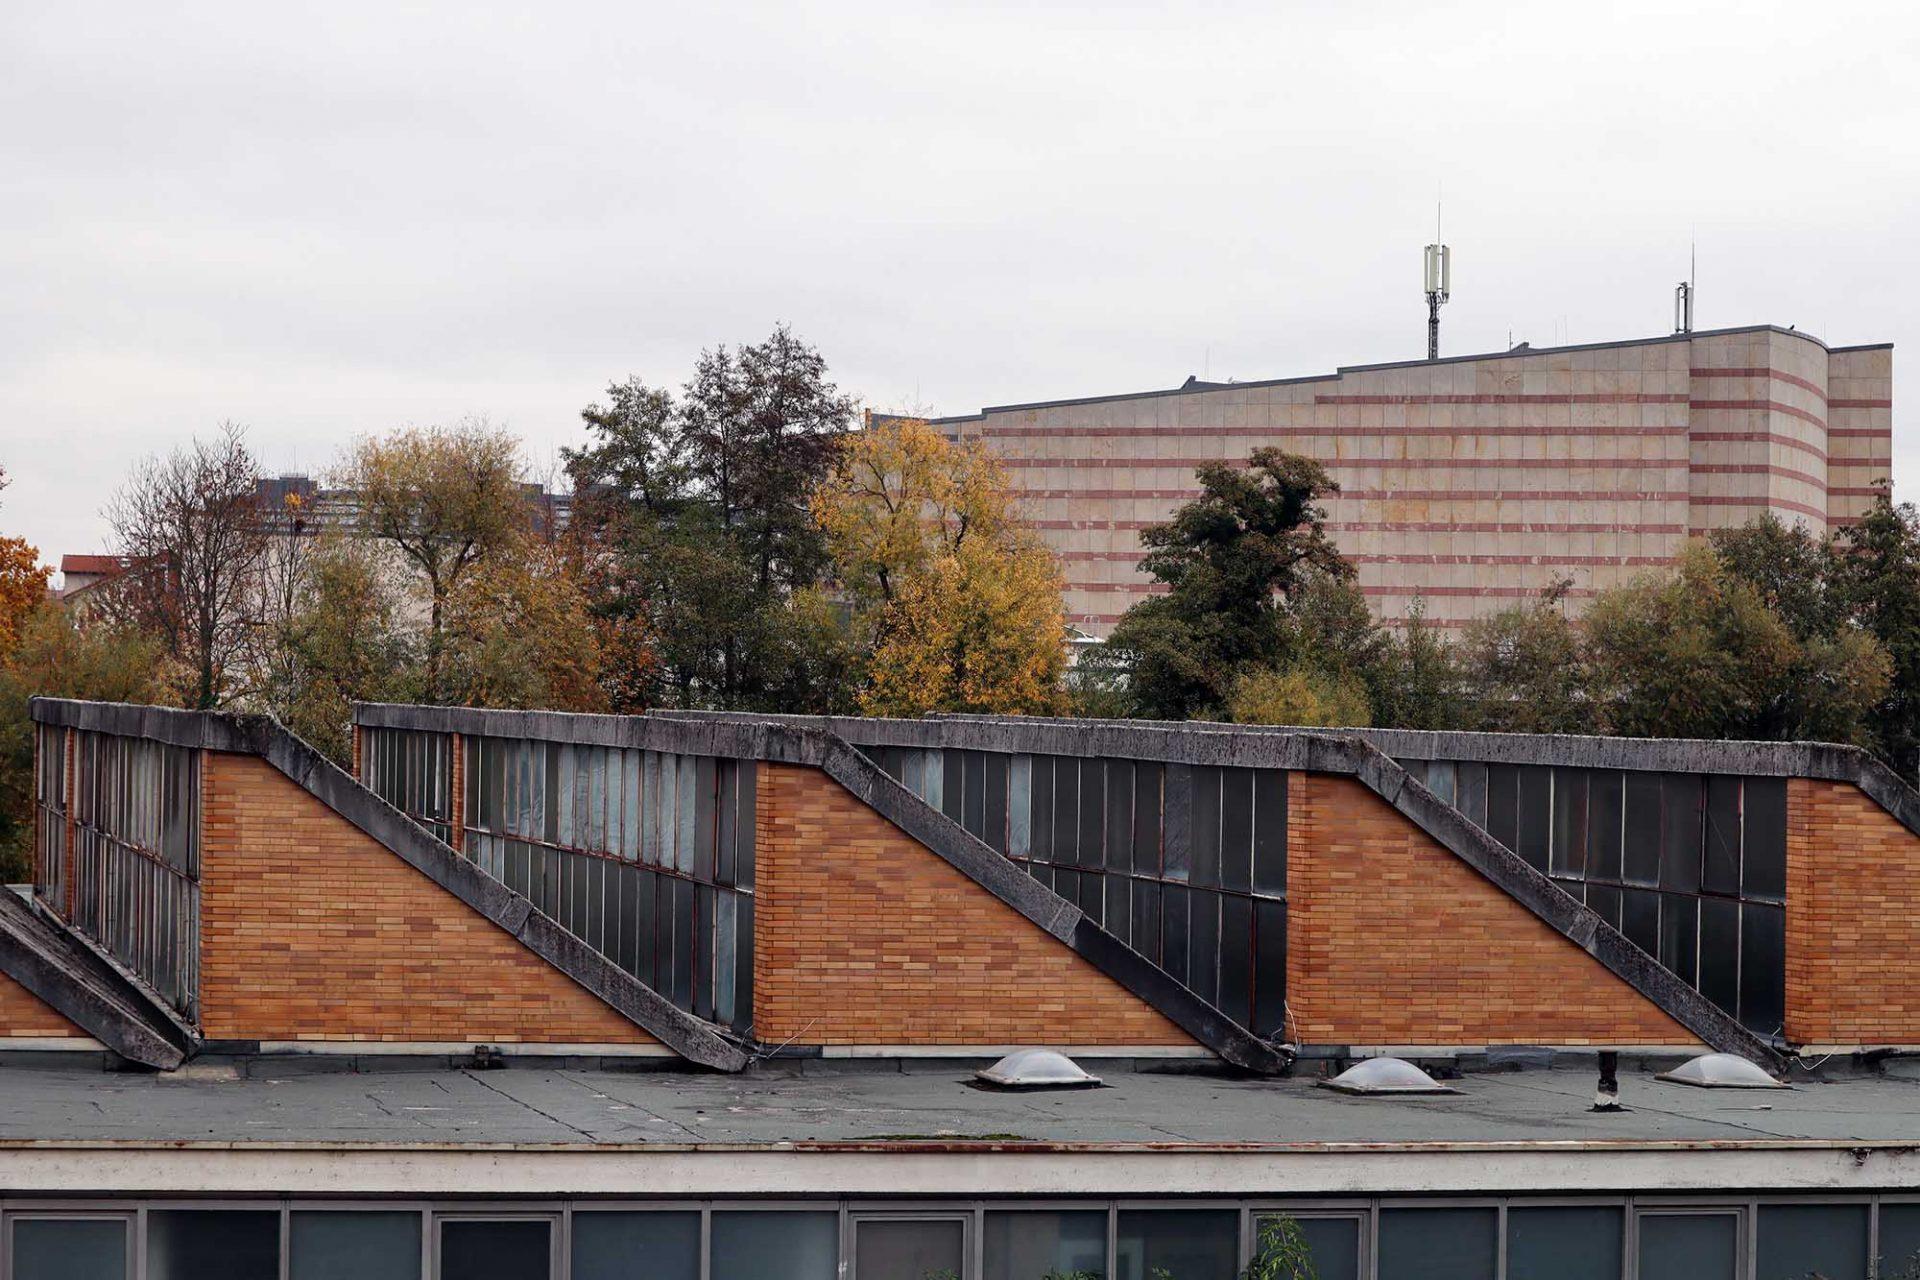 Kesselhaus. Heute dient es als Veranstaltungsraum für verschiedene künstlerische Initiativen, organisiert und kuratiert durch den Verein Kunstraum JETZT! e.V.